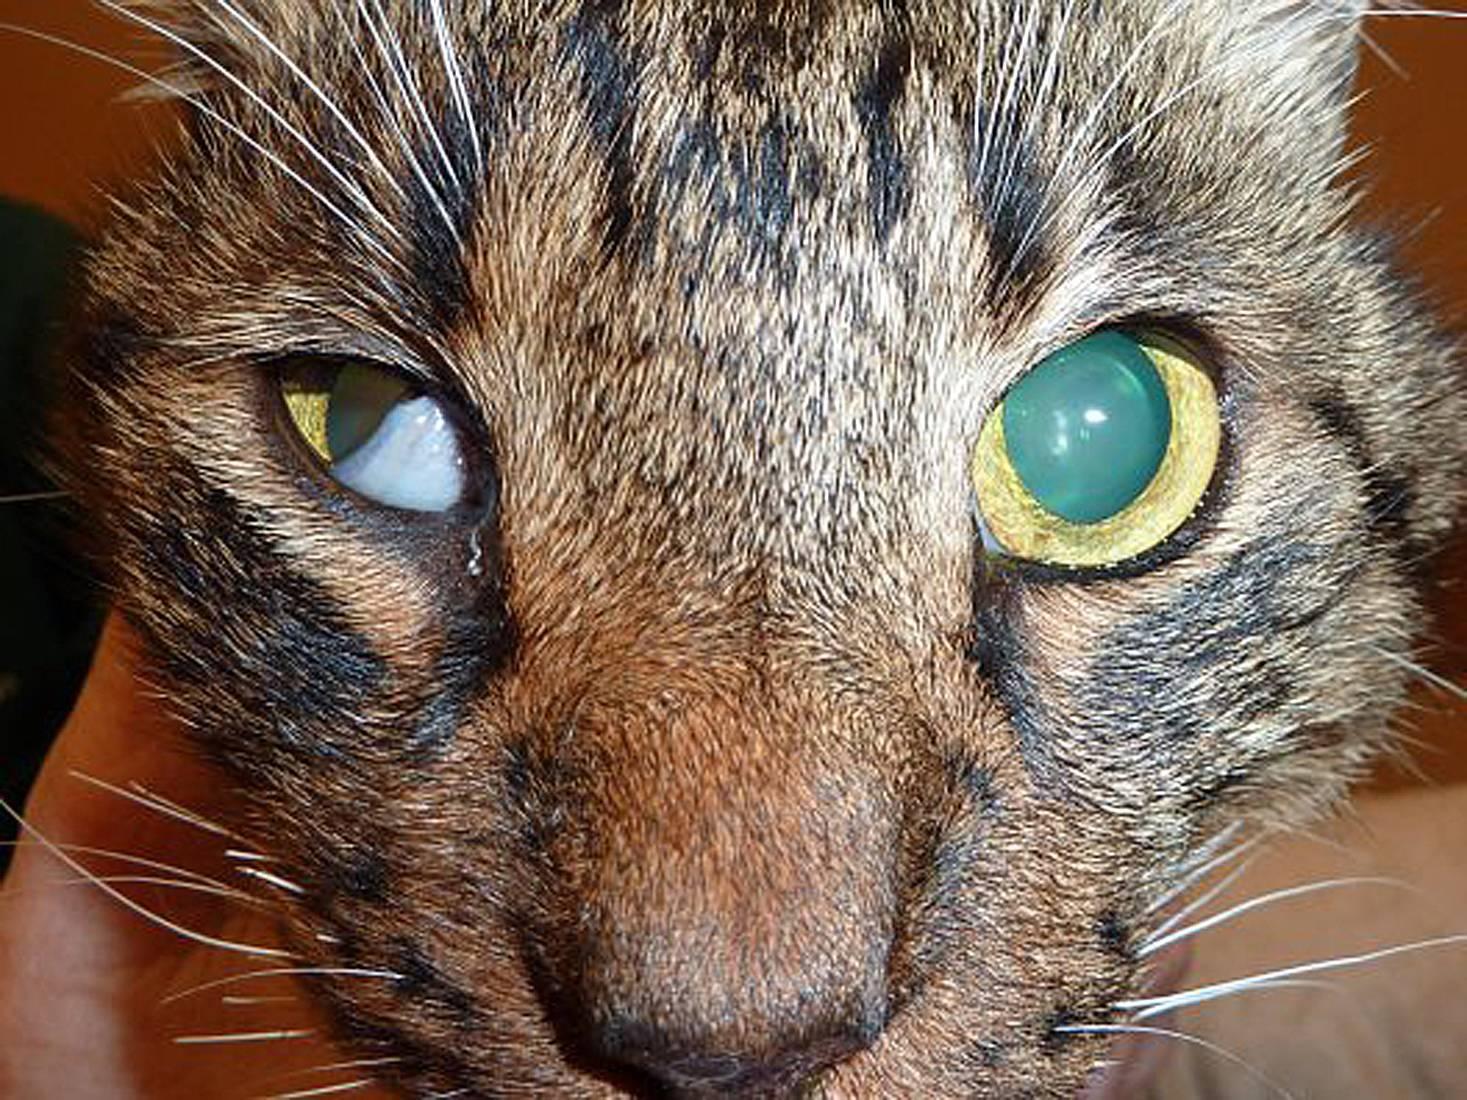 Третье веко у кошек: причины, лечение дома, препараты